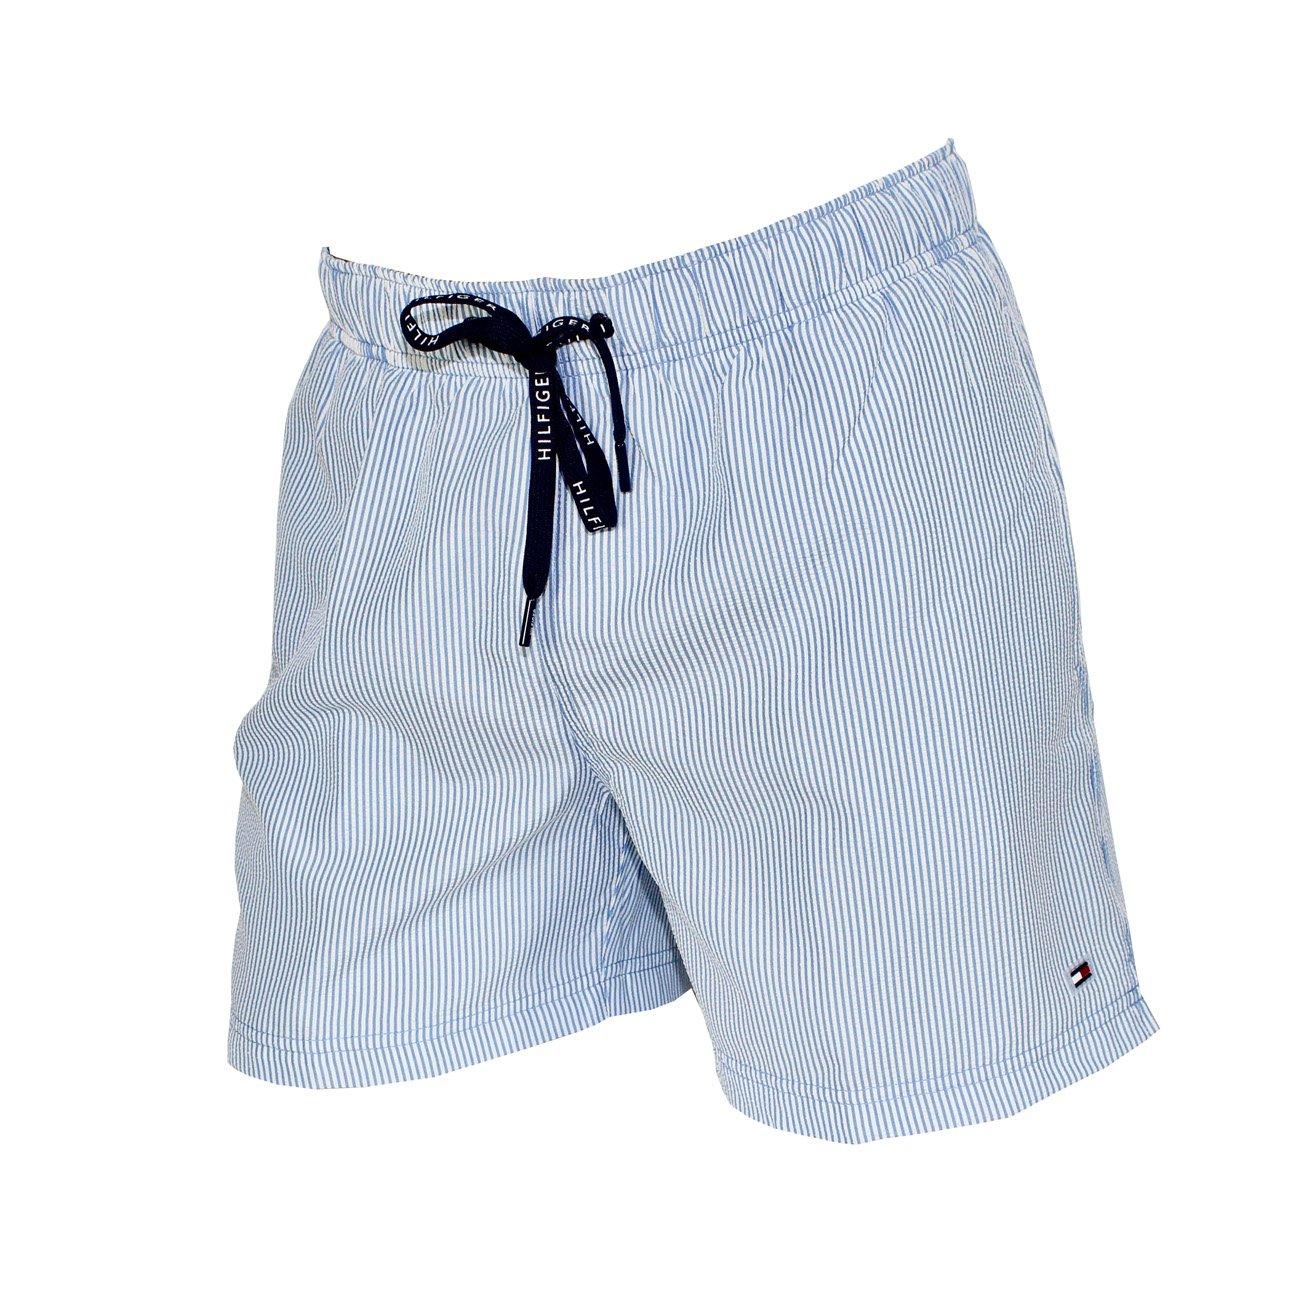 Tommy Hilfiger Costume Boxer Uomo Rigato Bianco/Blu 10492